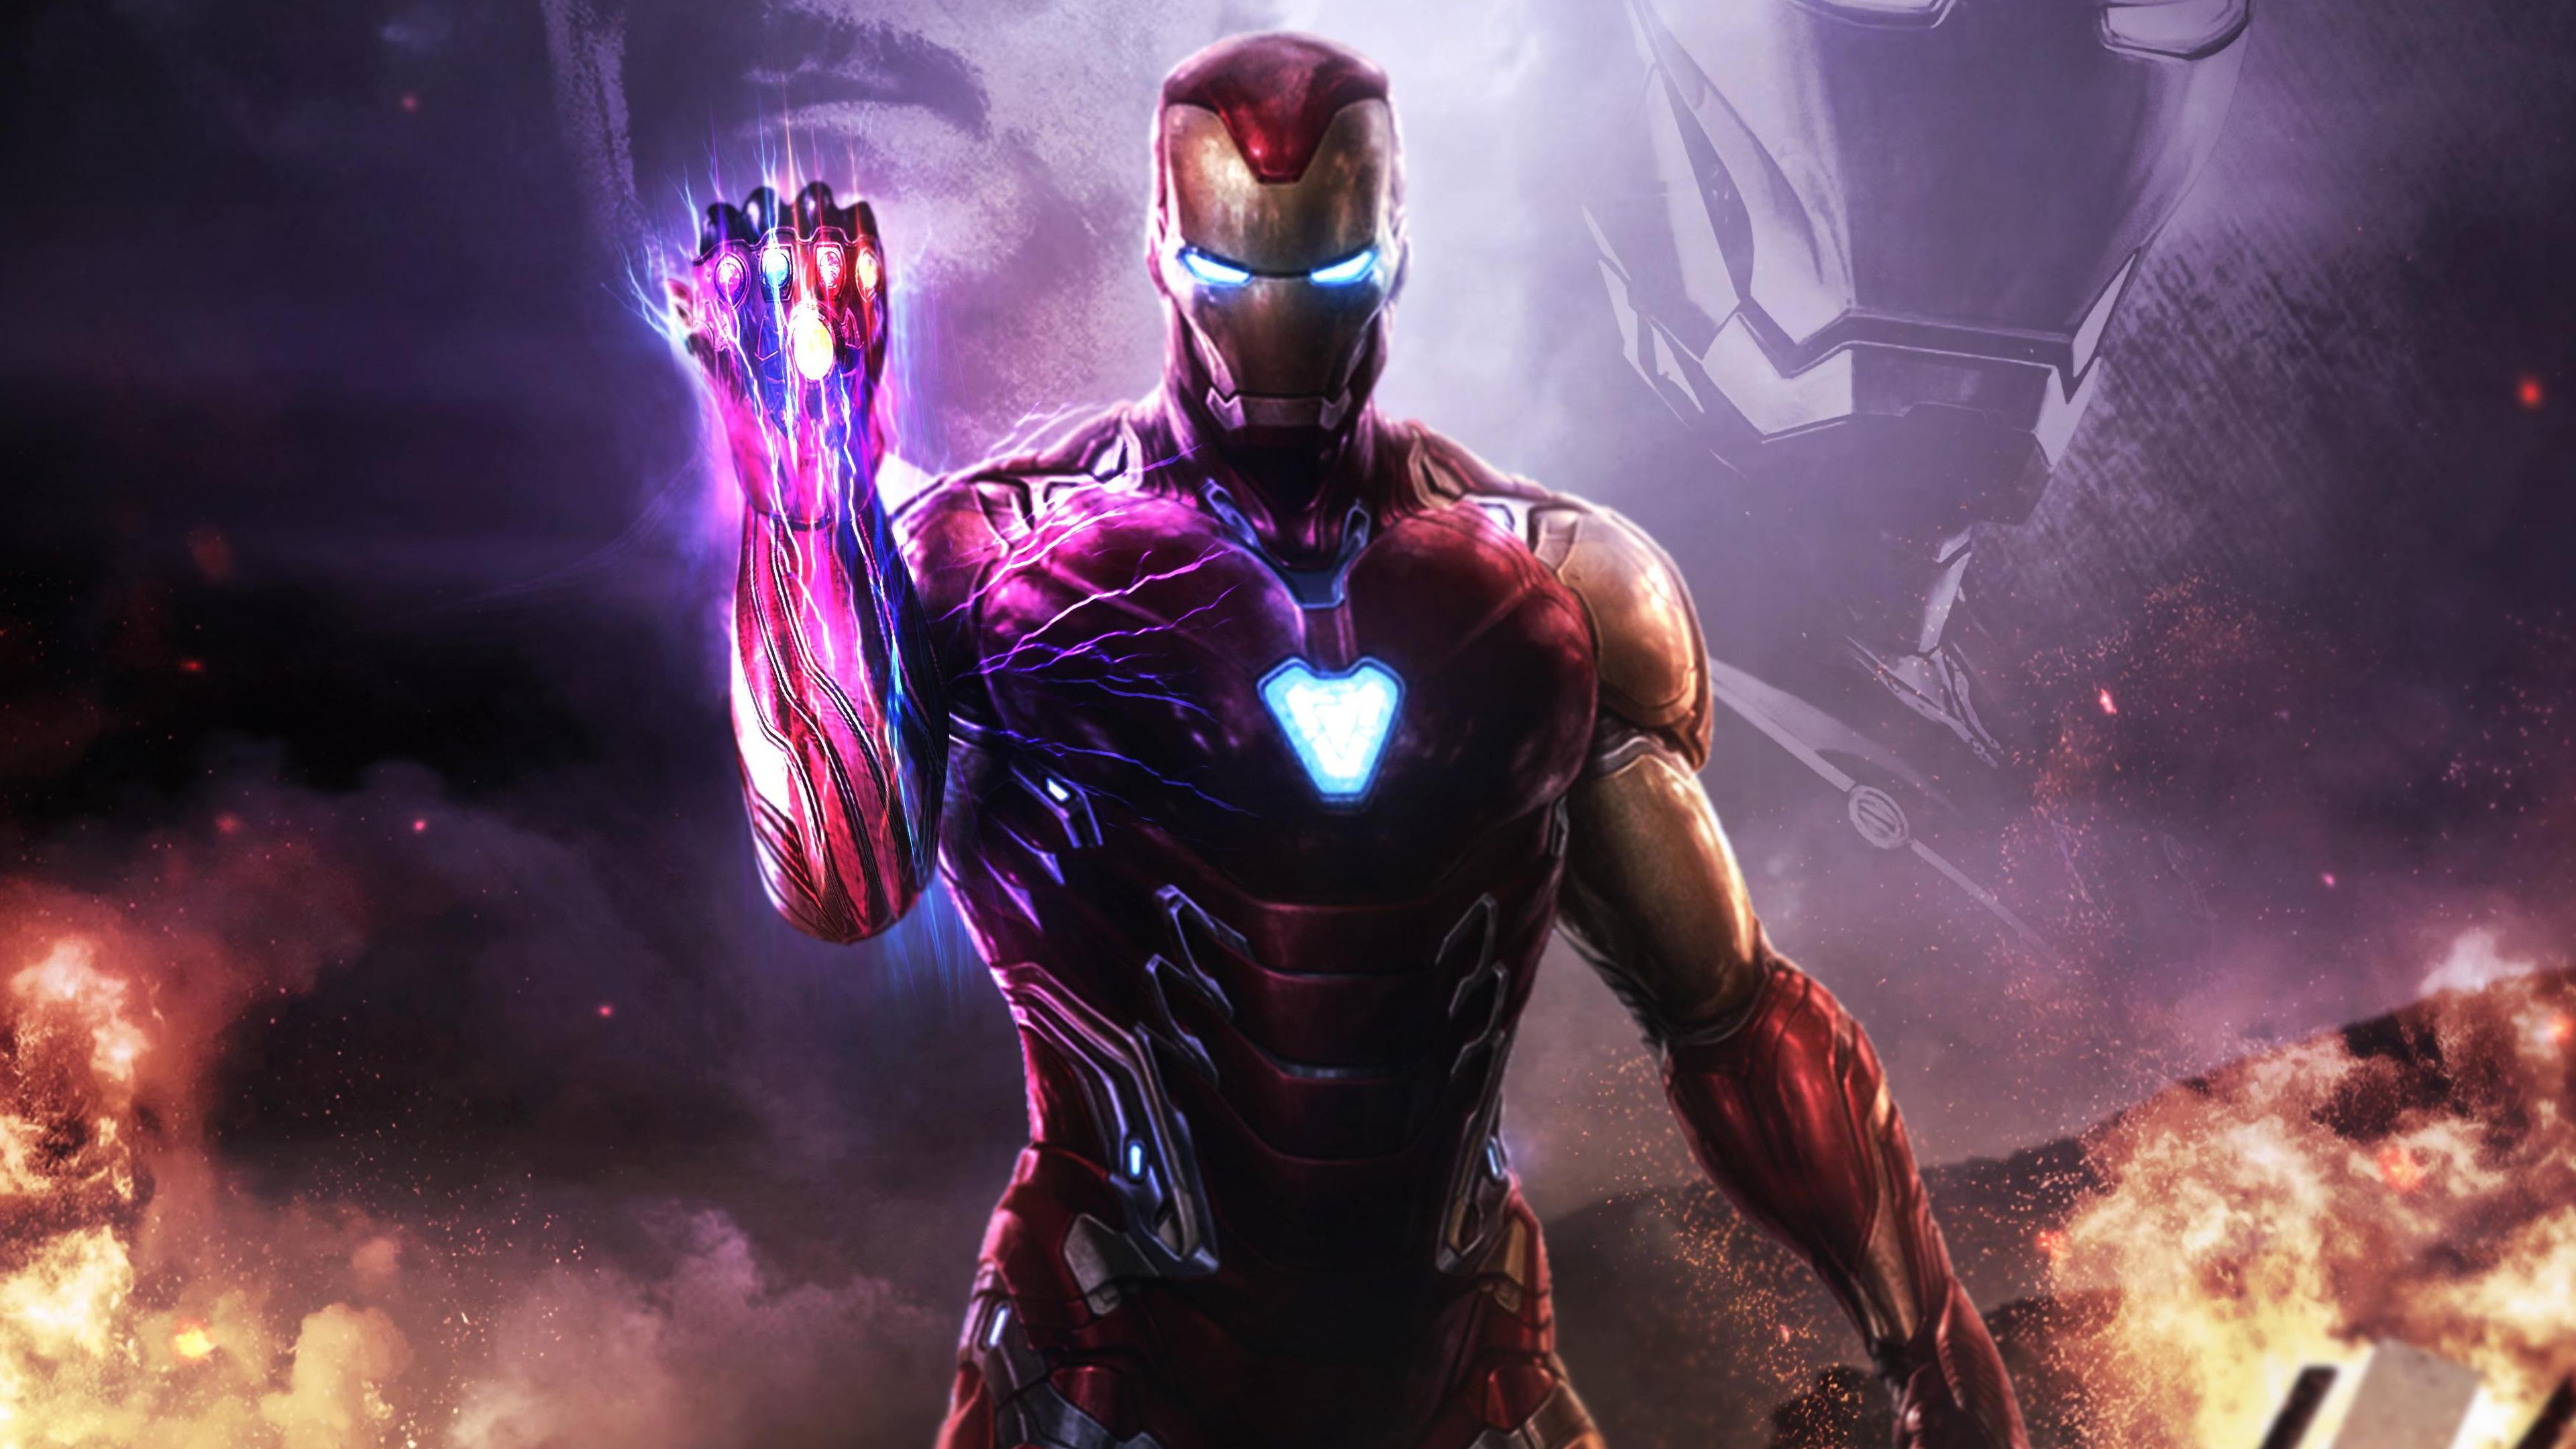 Avengers Endgame Iron Man Infinity Stones 4k Wallpaper 161